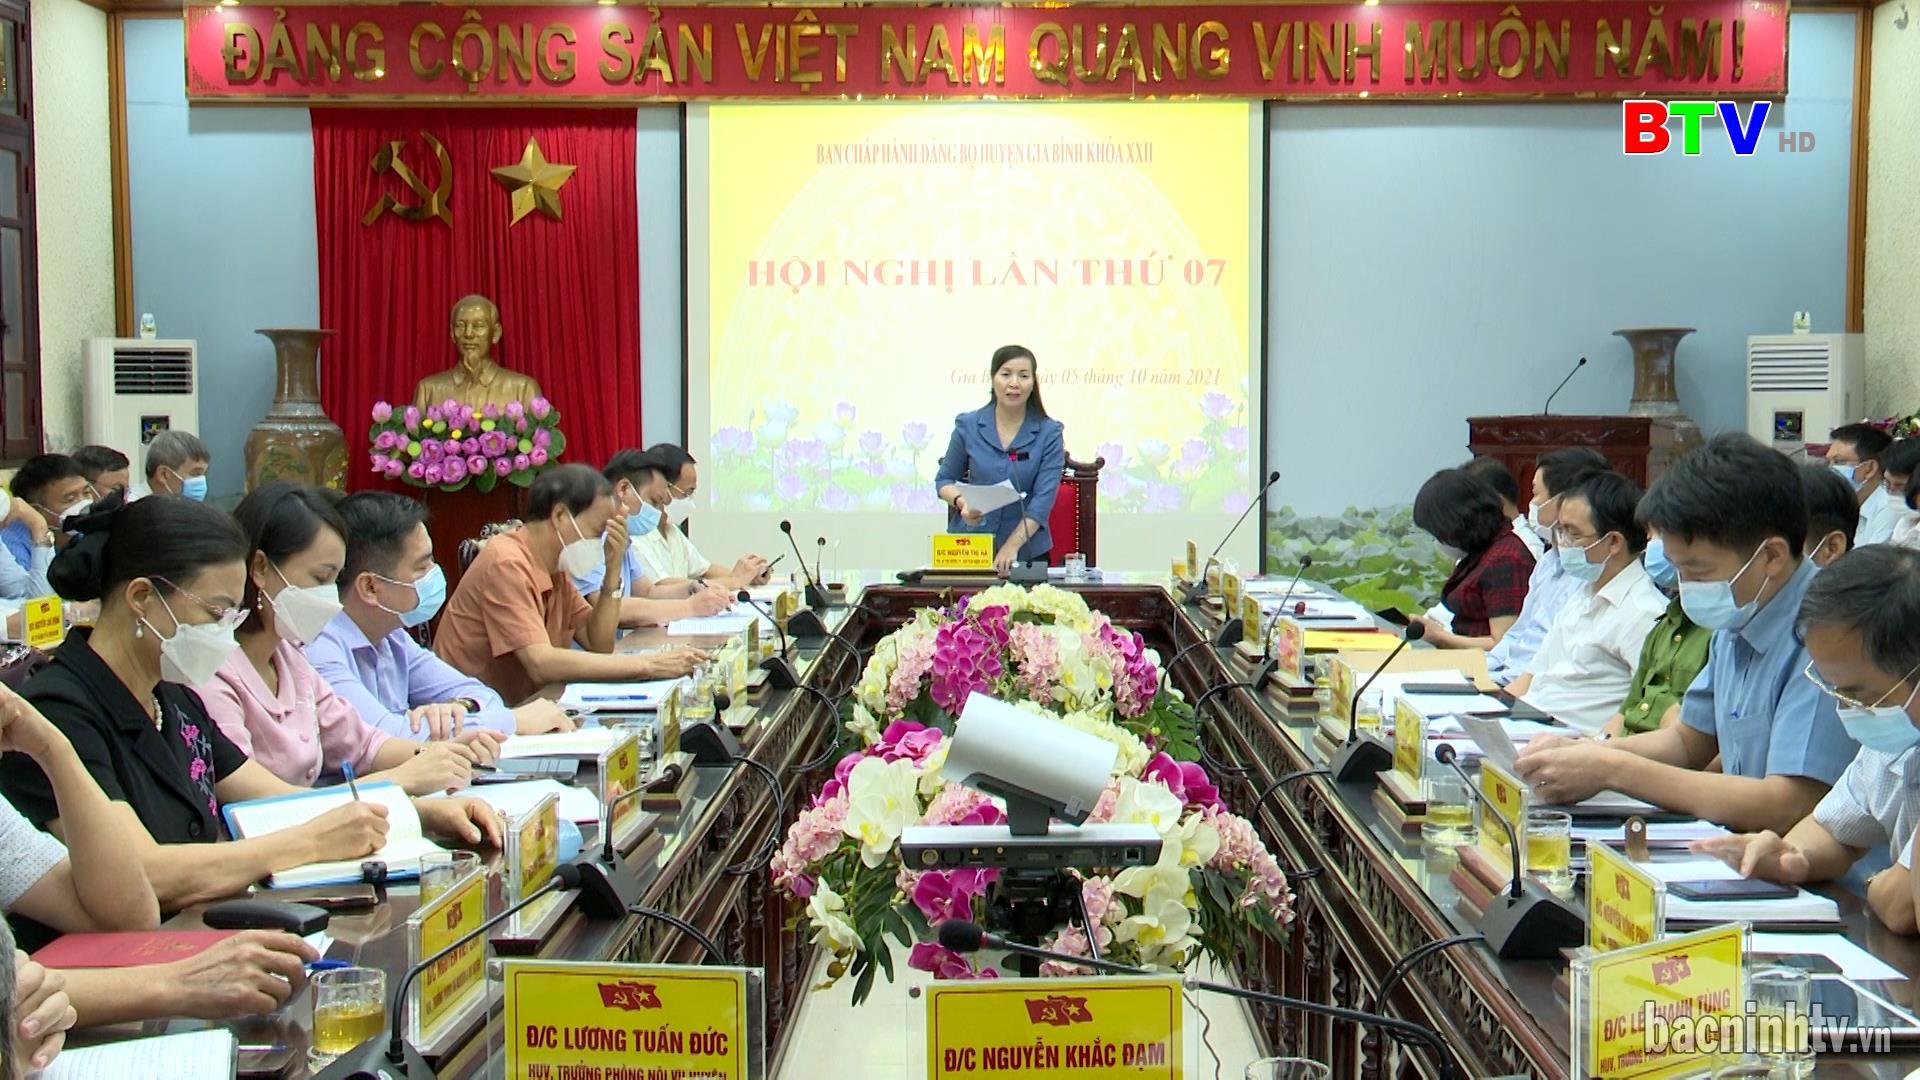 Hội nghị lần thứ 7 Ban chấp hành Đảng bộ huyện Gia Bình khóa XXII